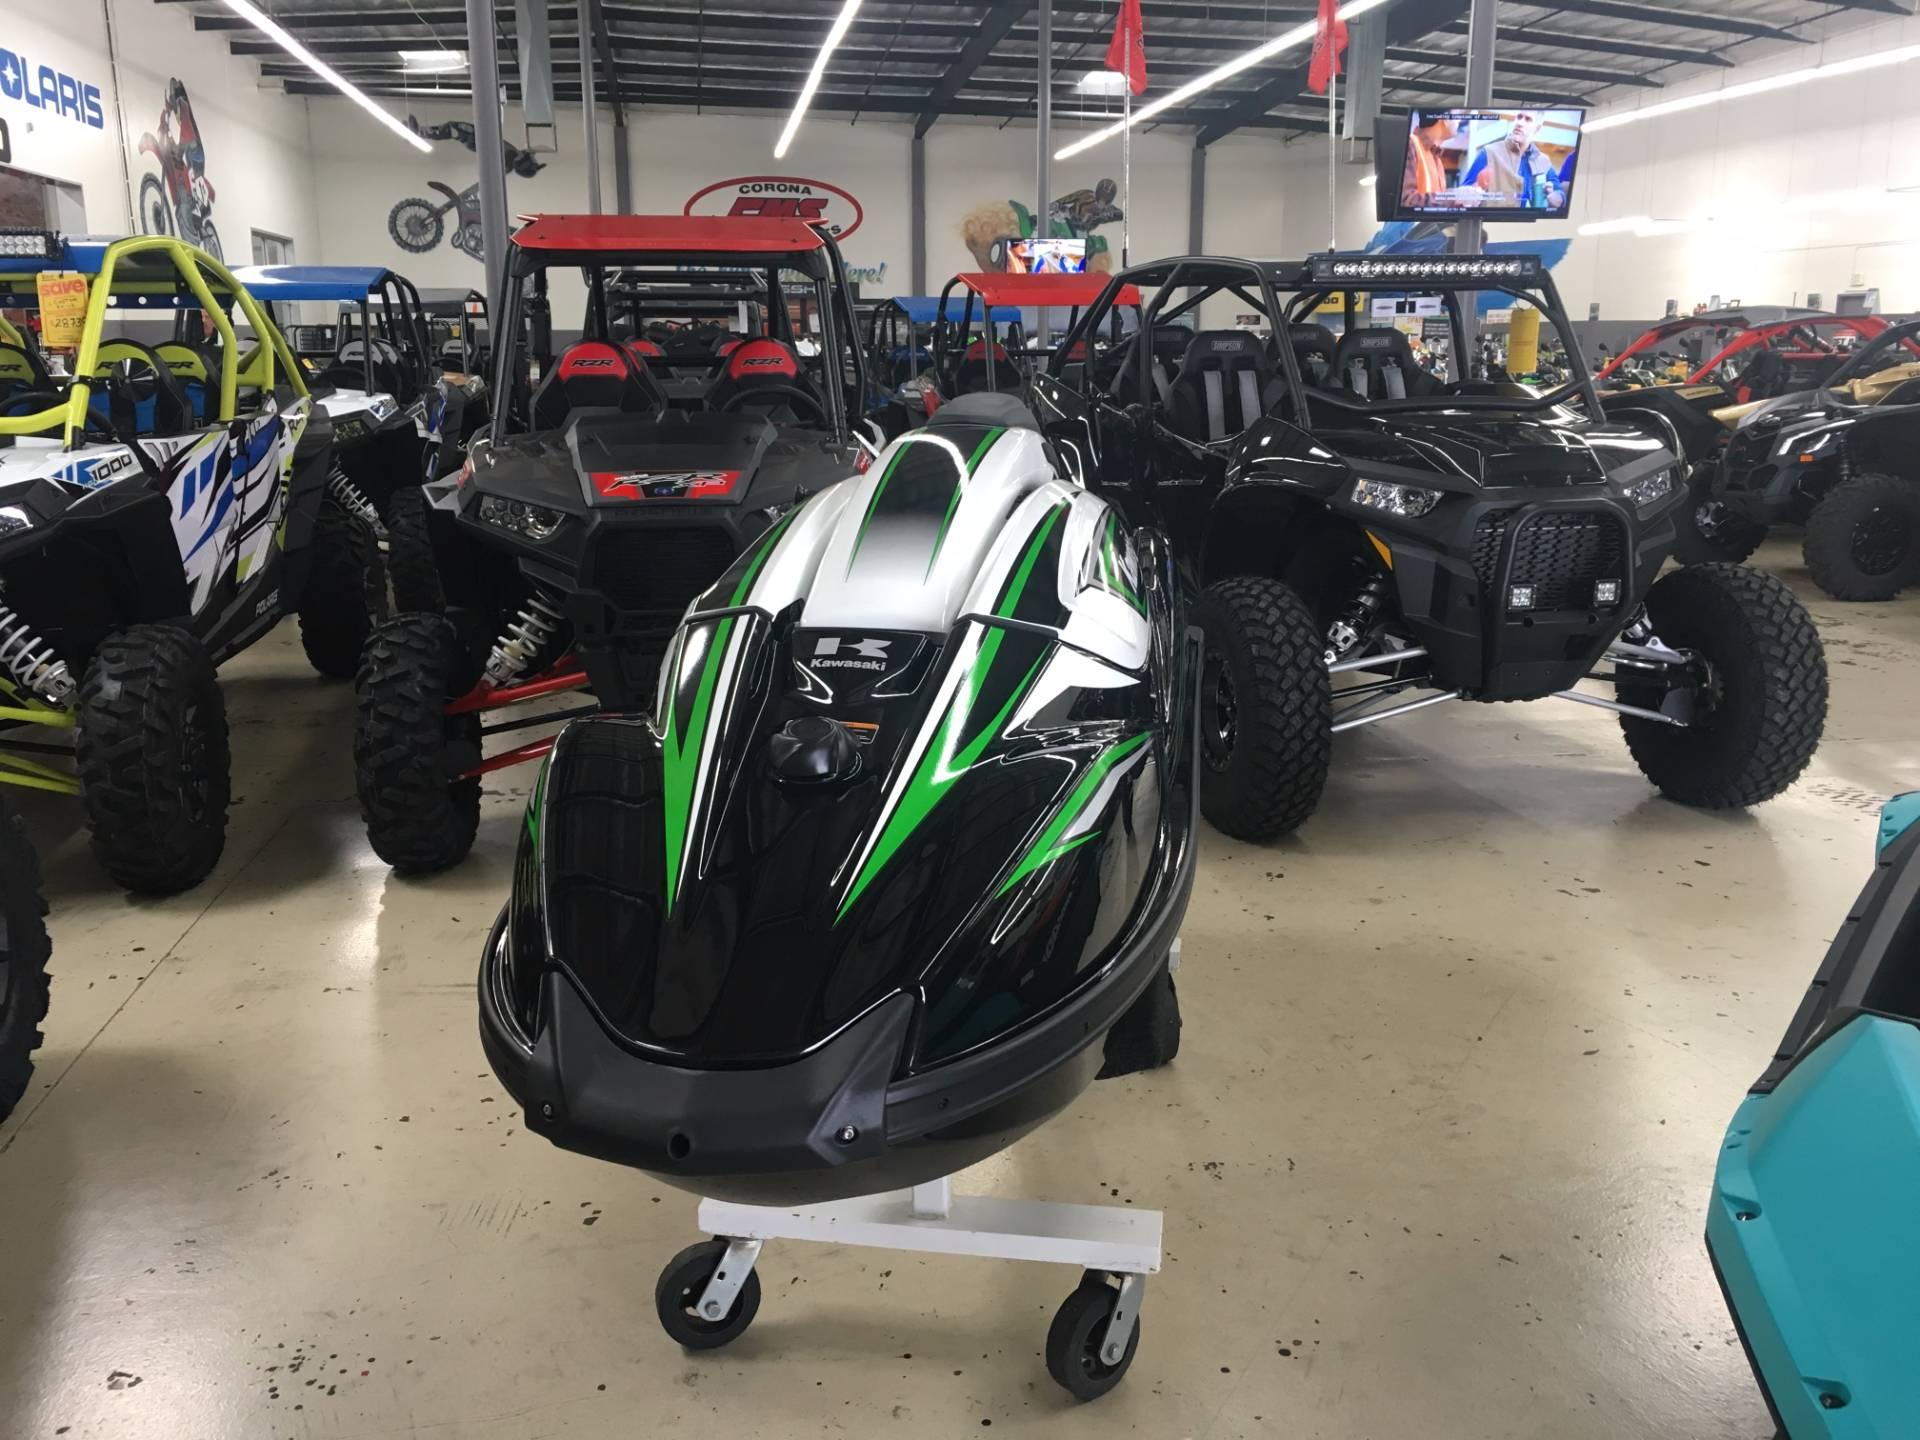 2017 Kawasaki JET SKI SX-R in Corona, California